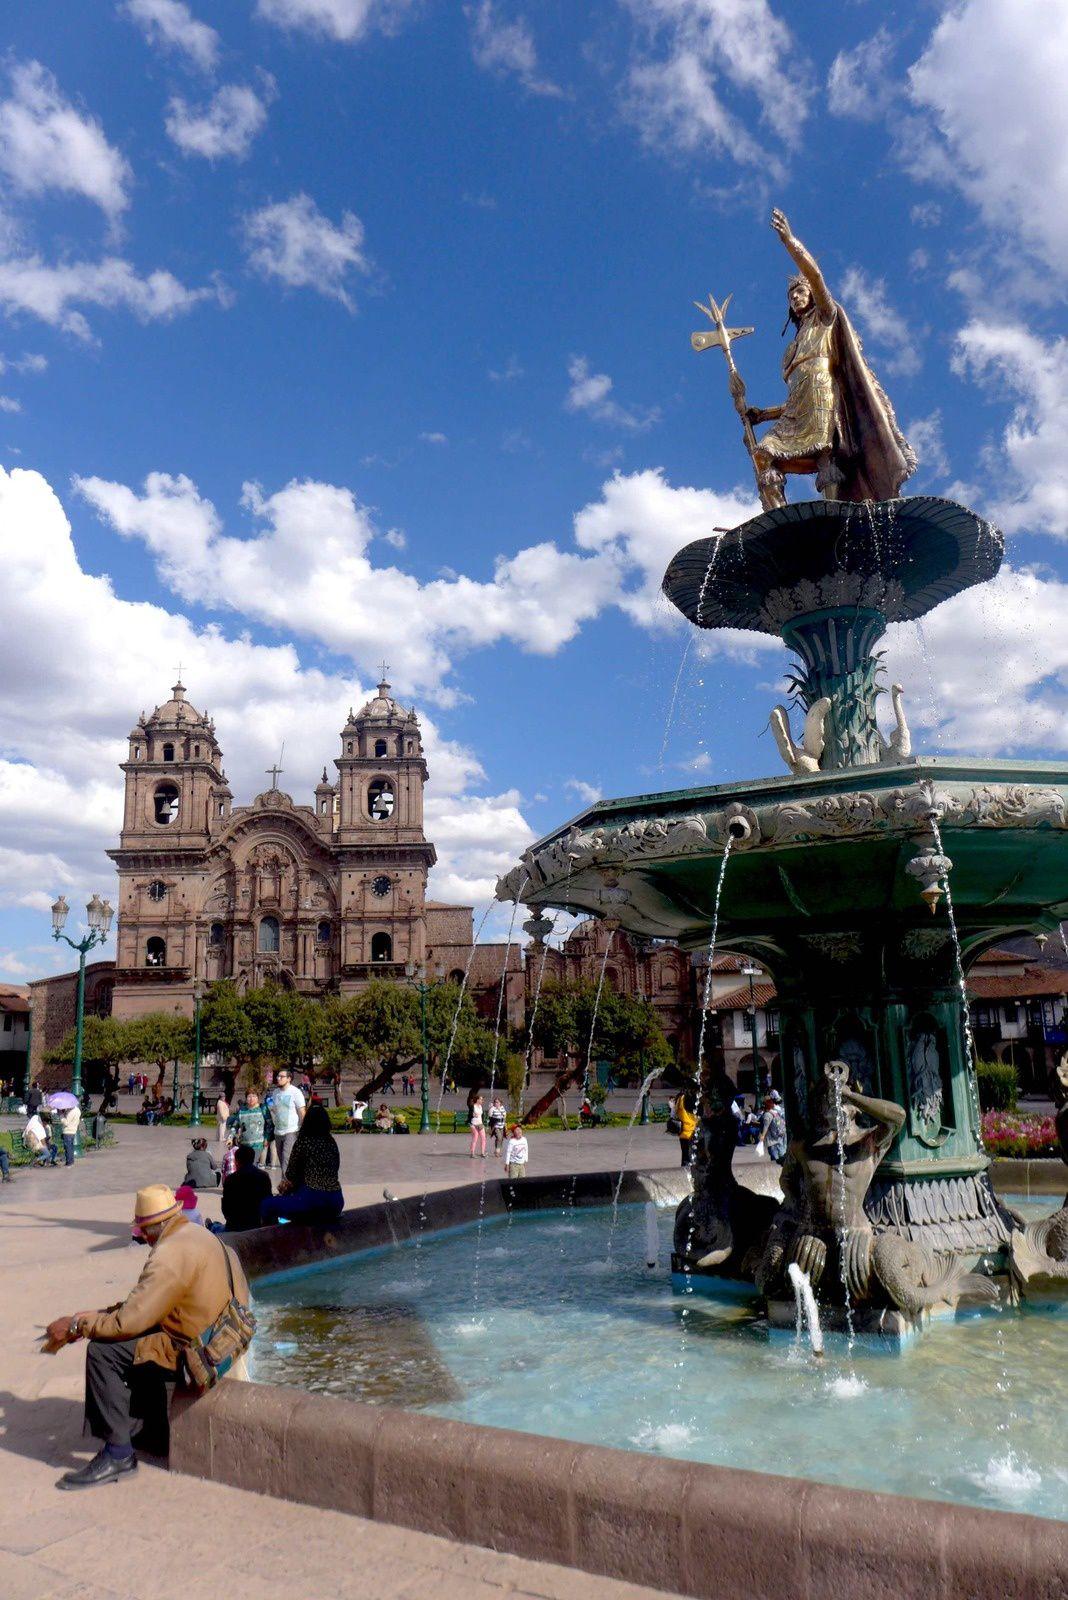 Túpac Amaru, fut un ennemi farouche des conquistadors. Les Espagnols décident sa capture et envoient une troupe de près de 300 soldats mais l'Inca s'est enfui dans la jungle avec sa famille. Il y mène une guérilla longue et féroce contre les Espagnols. Finalement ces derniers le capturent avec ses partisans et l'emmènent à Cuzco.  Il est par la suite condamné à mort et exécuté à Cuzco le 24 septembre 1572, avec sa femme, ses enfants et ses principaux partisans.